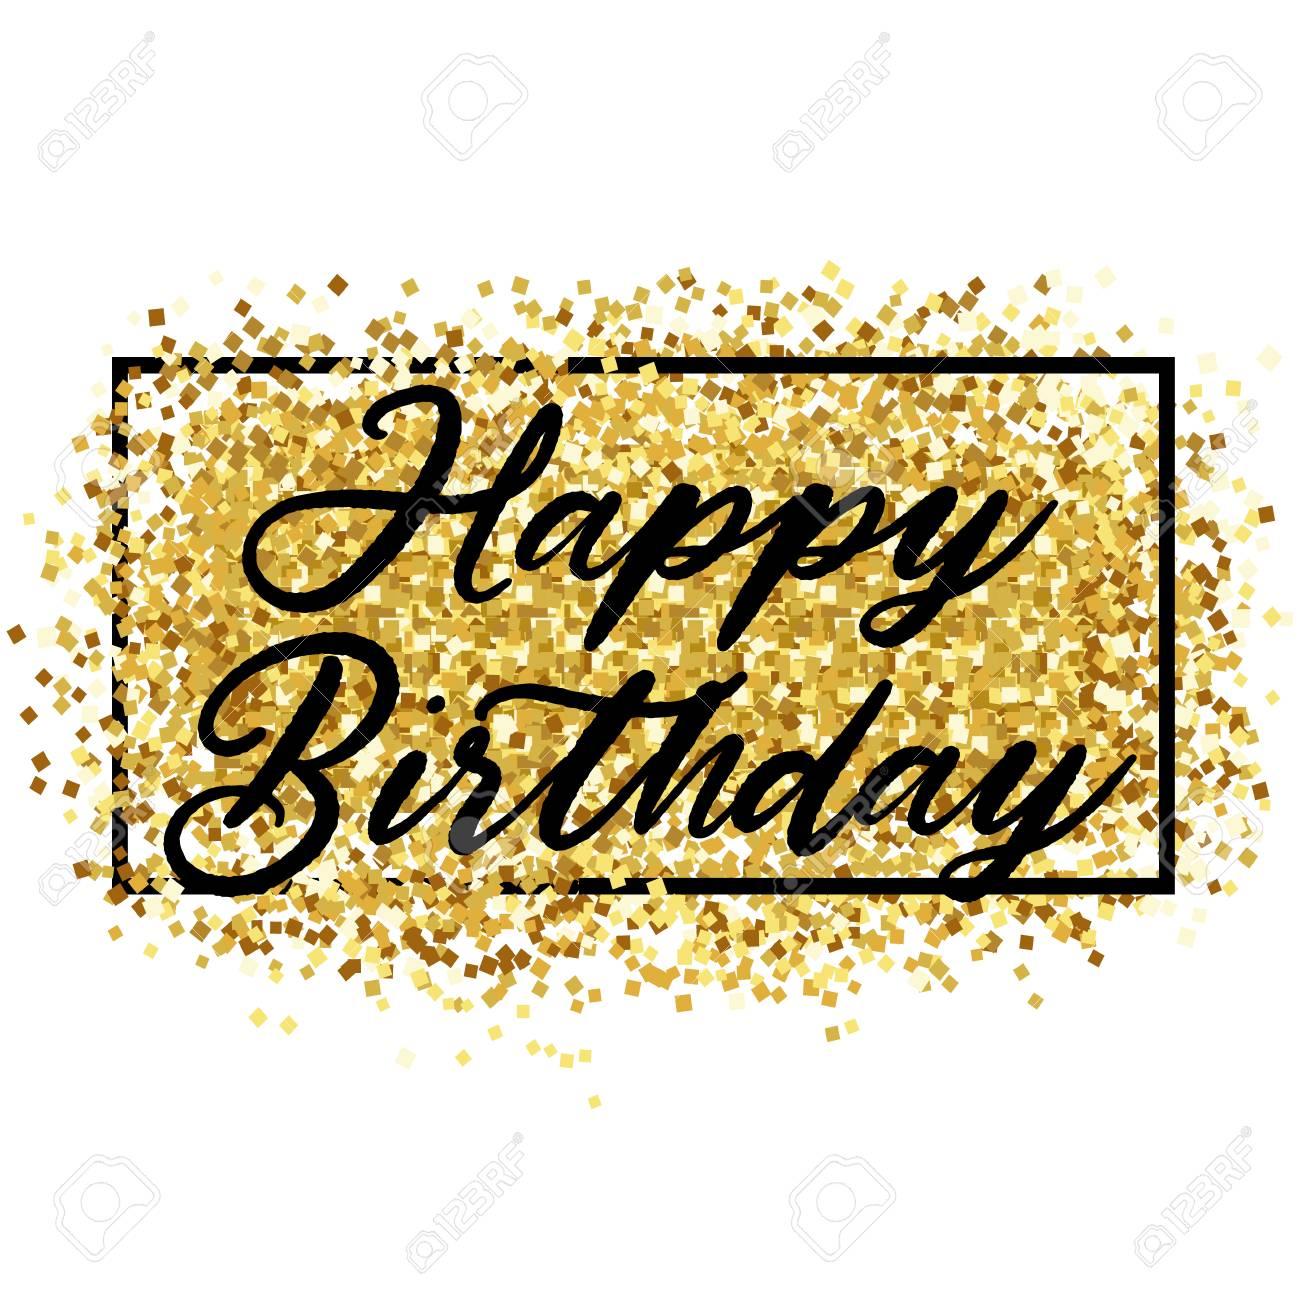 Gold sparkles background Happy Birthday. Happy Birthday background.